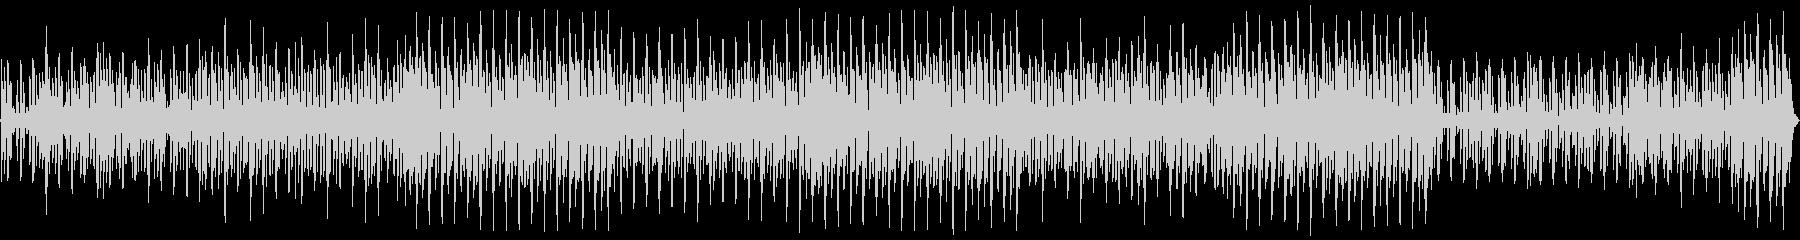 ラテン ジャズ ポップ ロック H...の未再生の波形